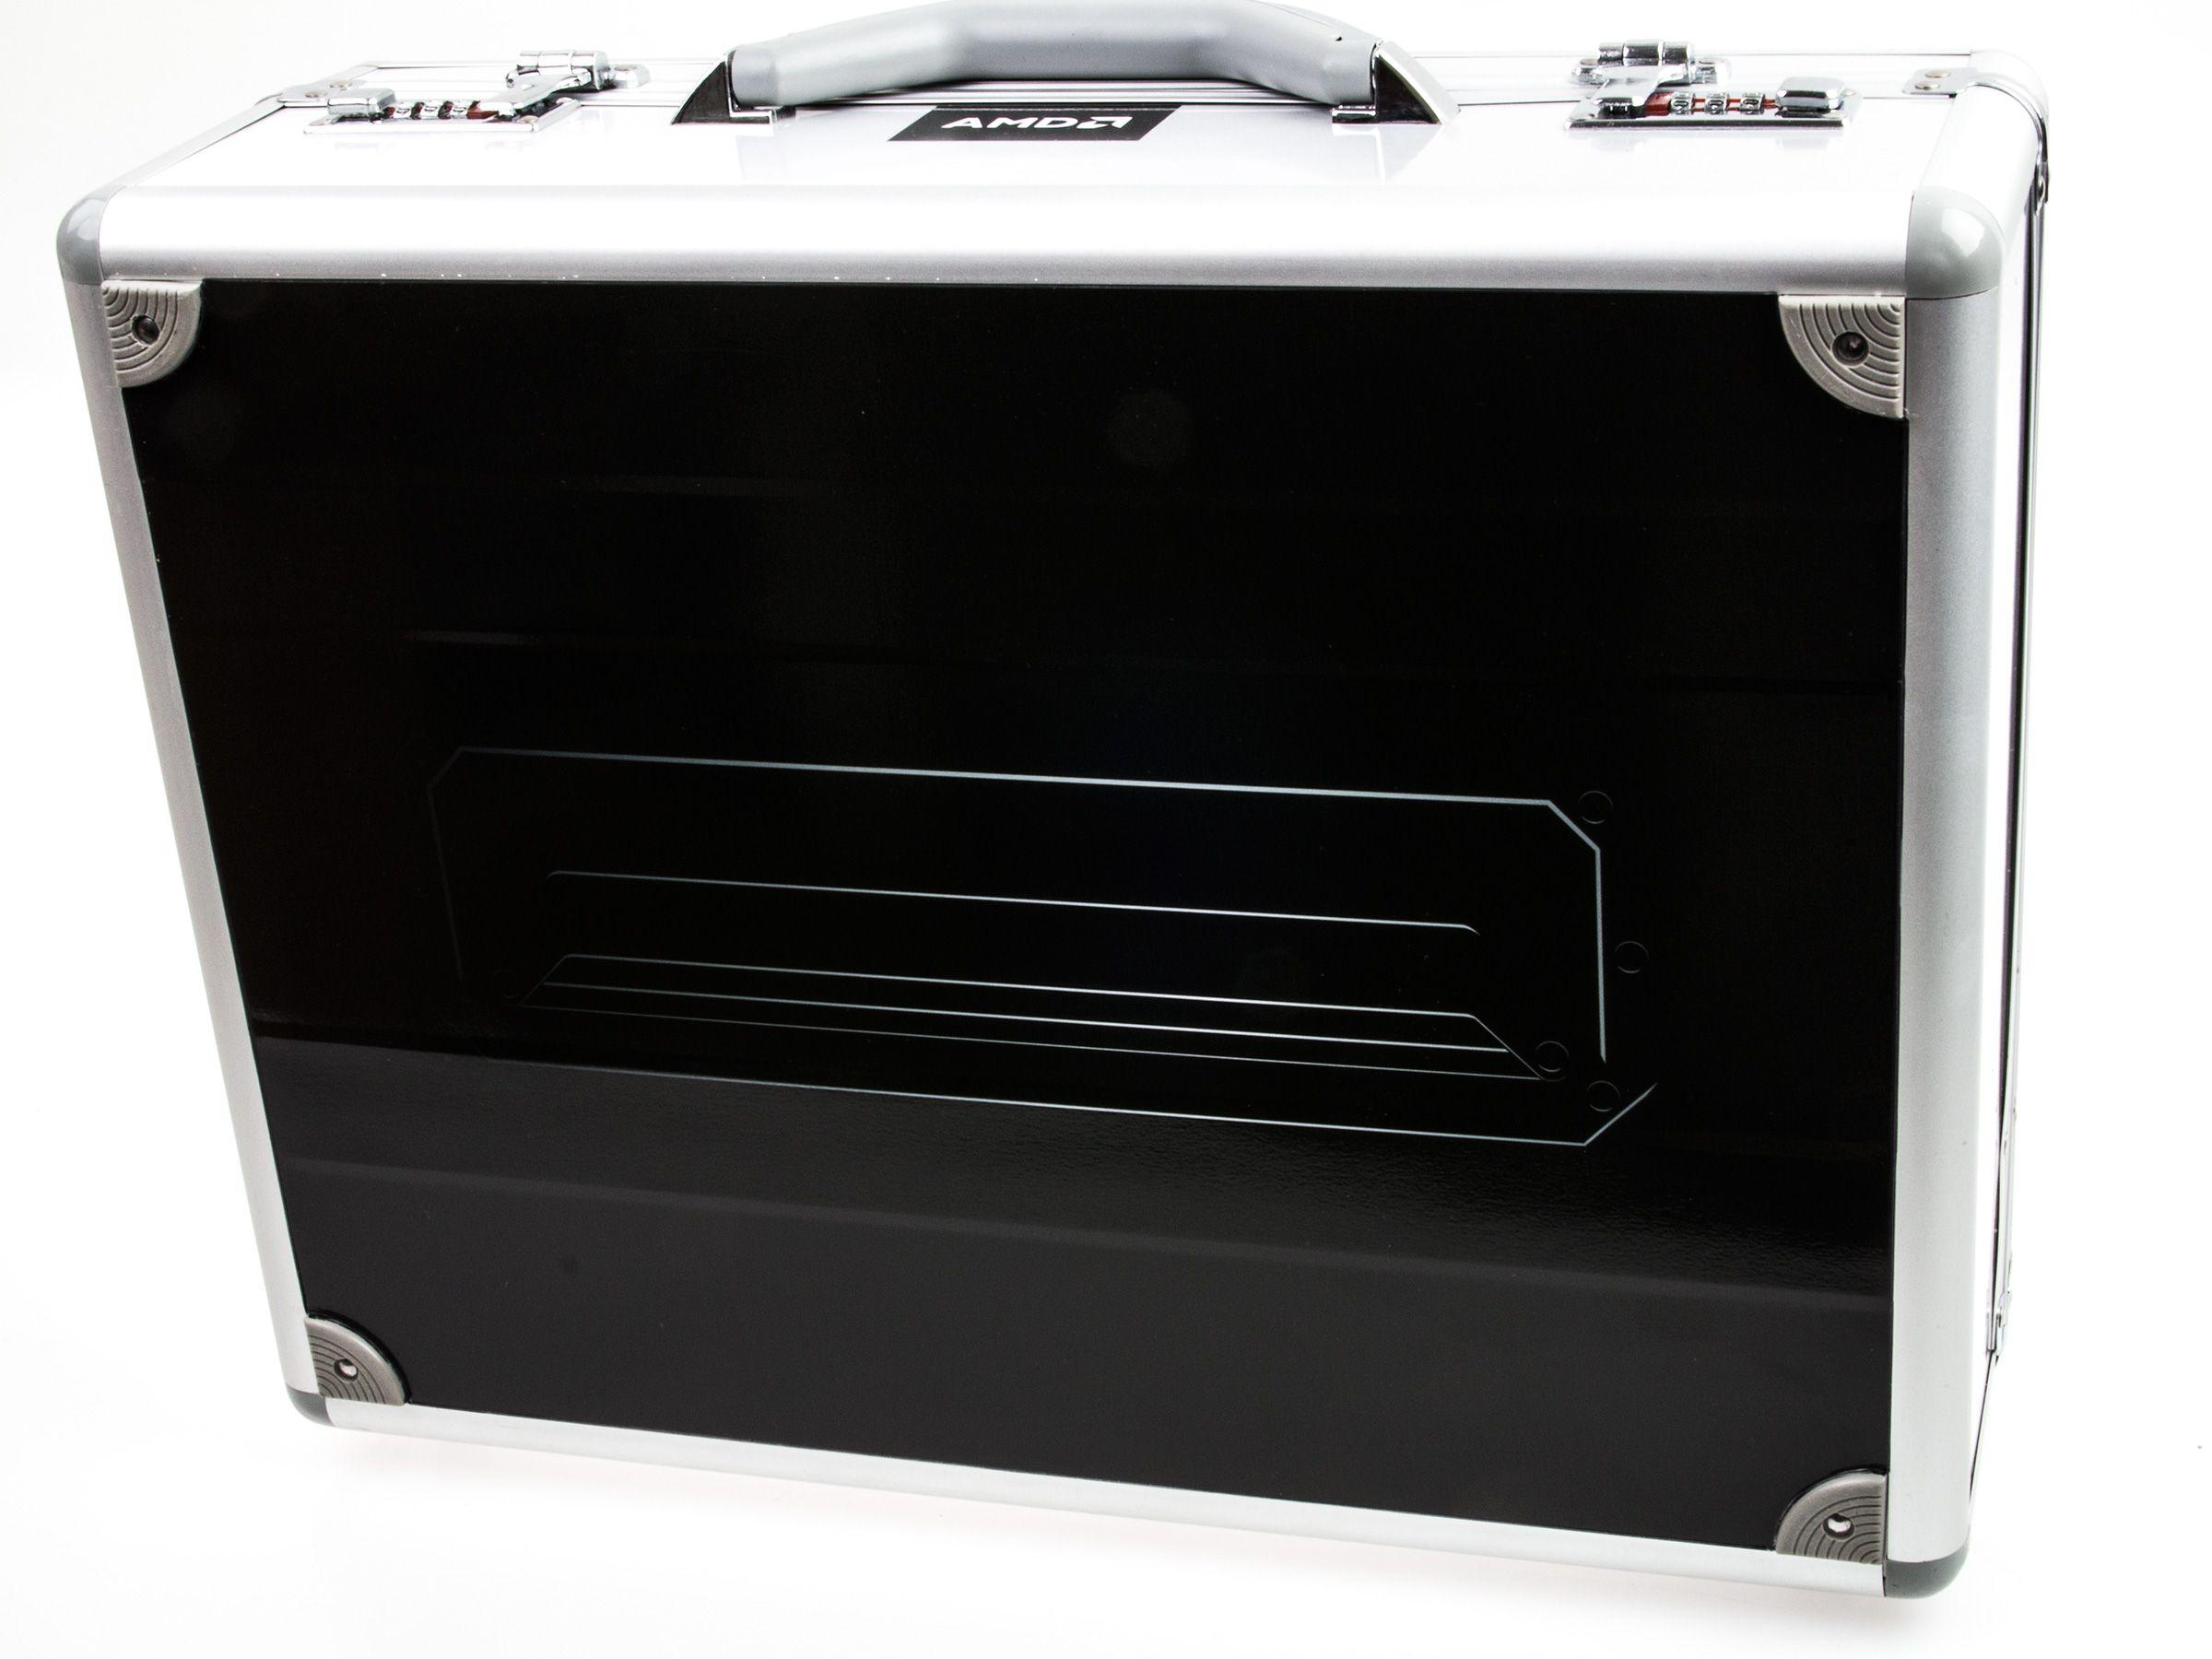 På innsiden av esken finner vi denne lekre metallkofferten.Foto: Varg Aamo, Hardware.no